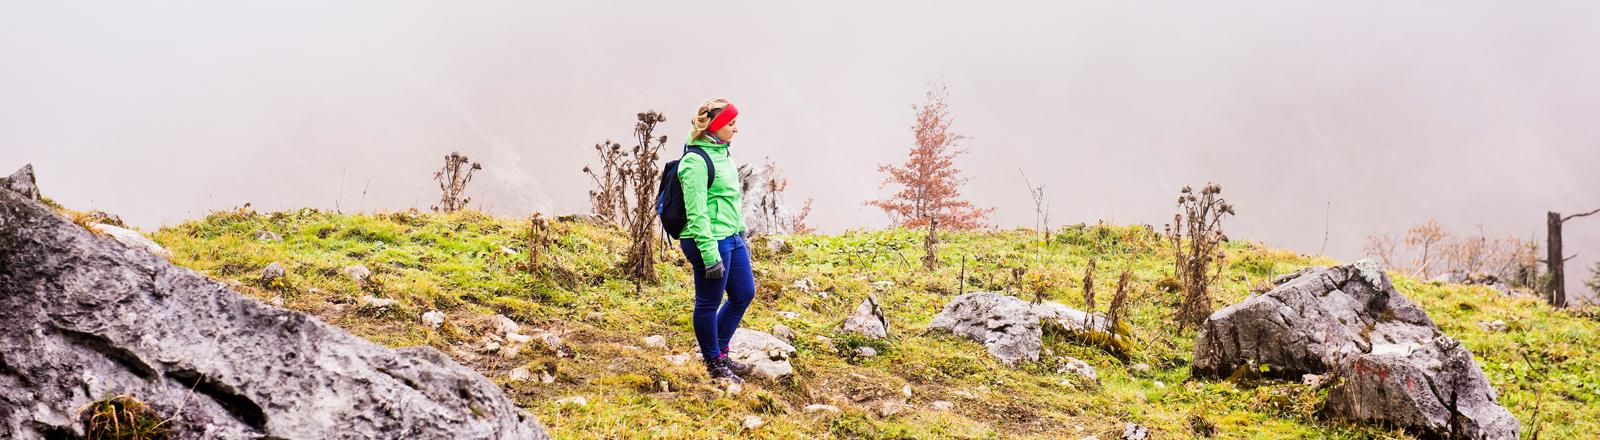 Frau mit Wanderklamotten auf einem kargen Hügel